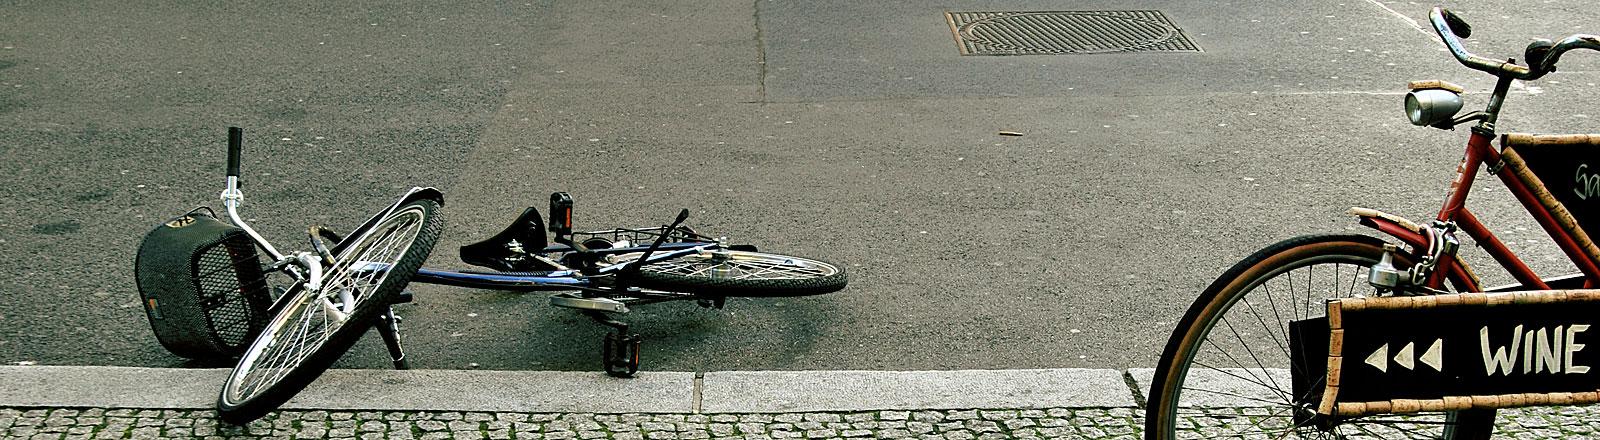 Zwei Fahrräder, eins umgefallen, Aufschrift WINE